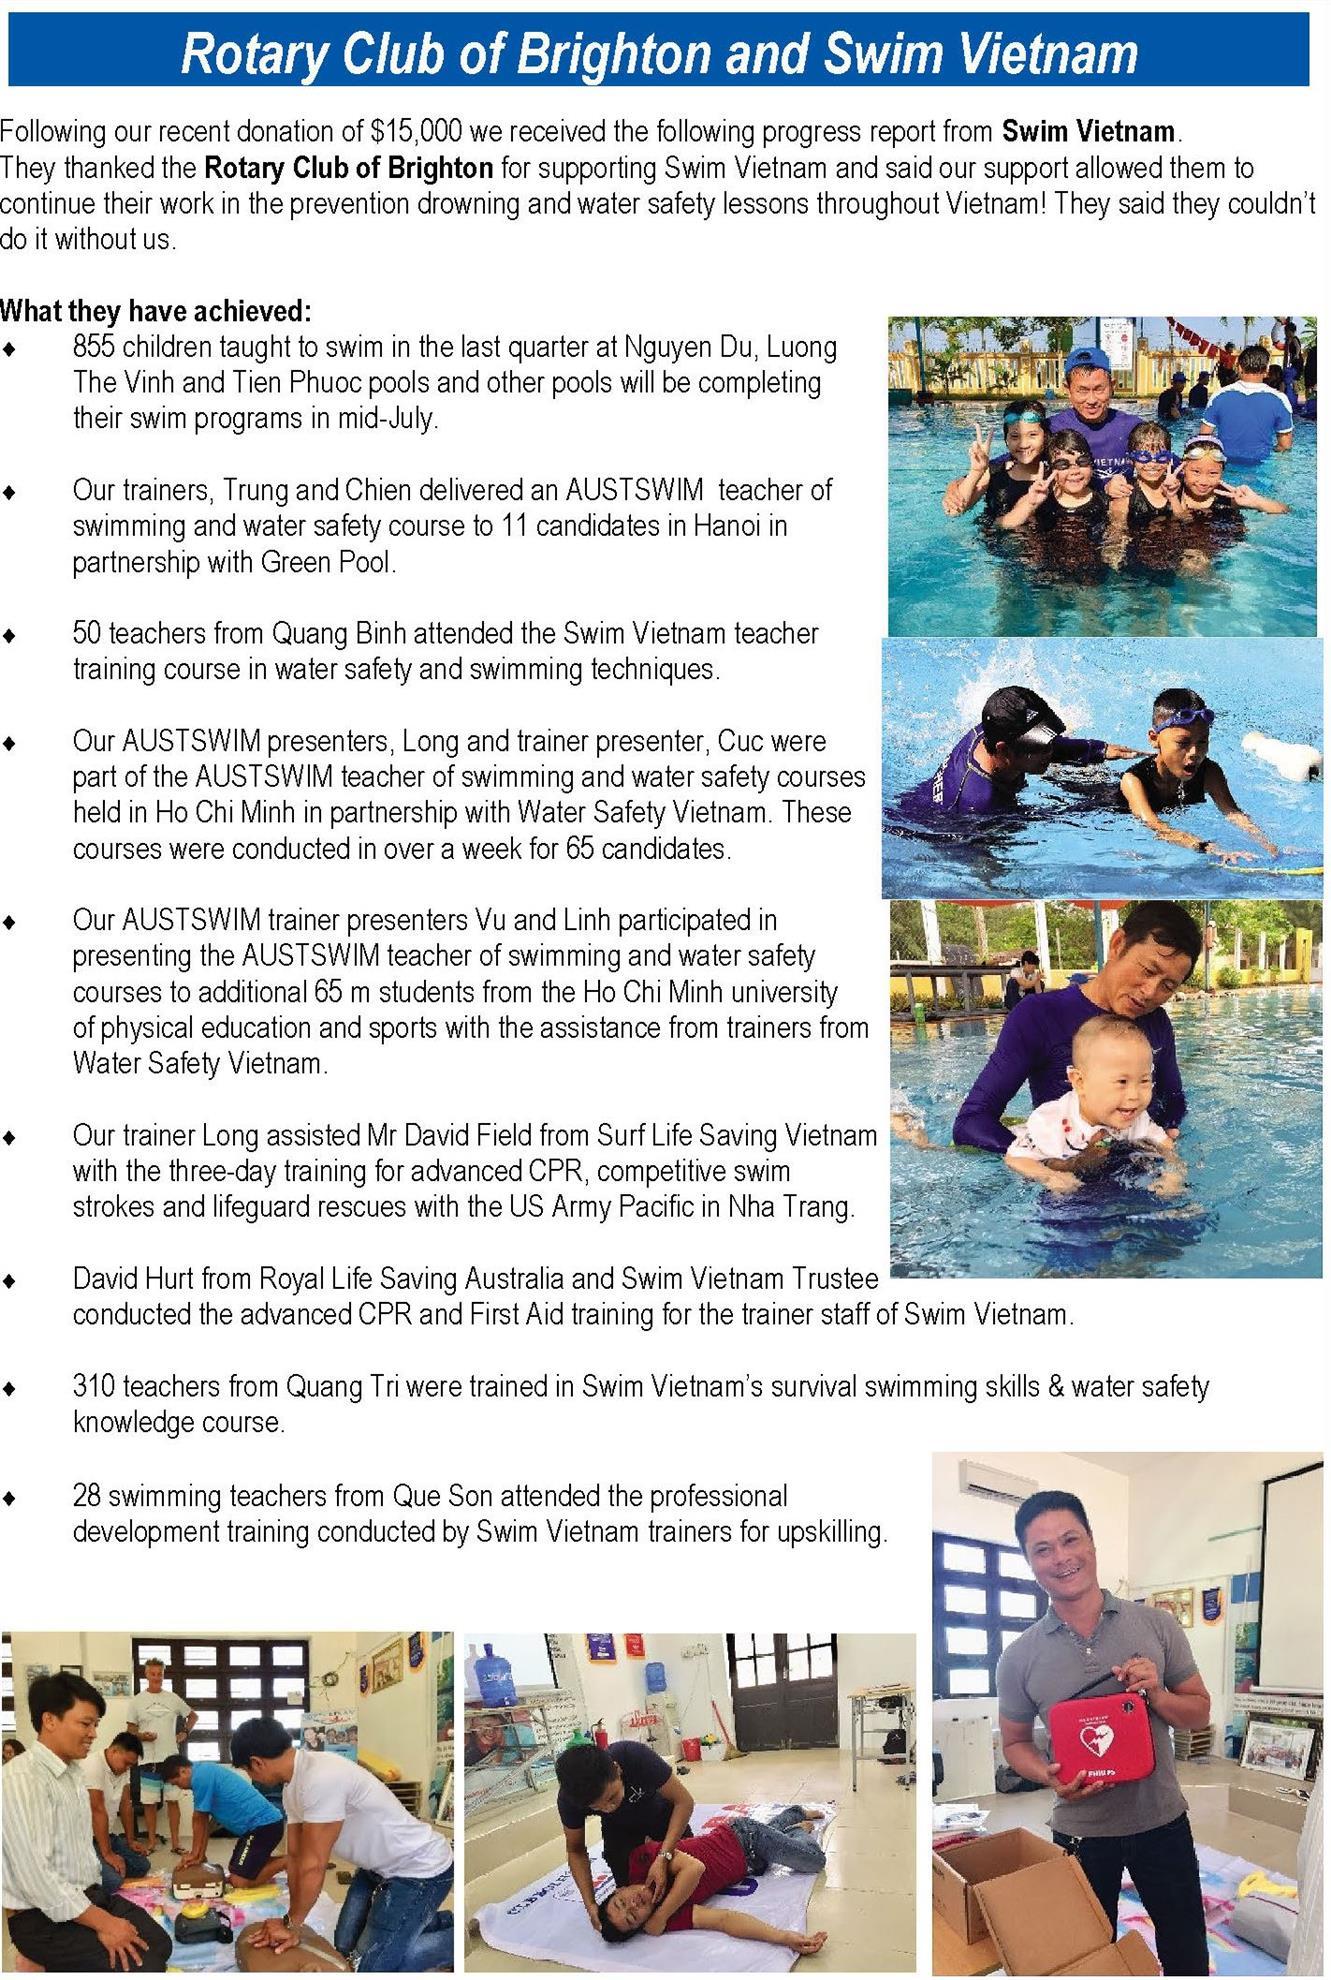 RC Brighton Swim Vietnam | District 9800